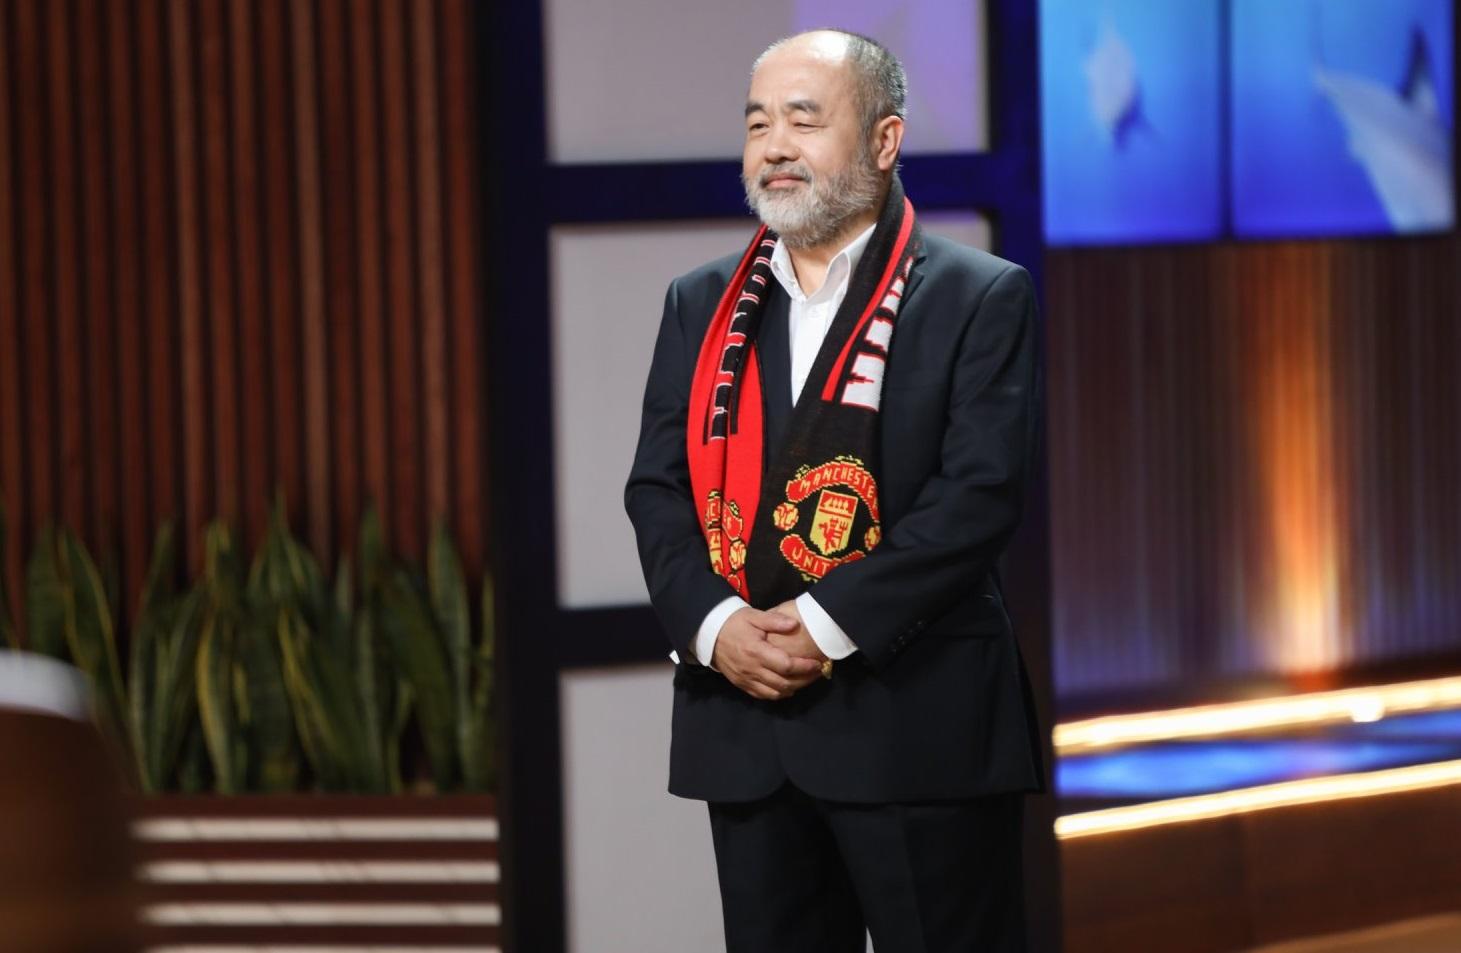 Shark Tank Việt Nam: 'Ông trùm' muối tôm doanh thu trăm tỷ về Việt Nam lập nghiệp ở tuổi 50 vì 'tiếng gọi tình yêu' 0